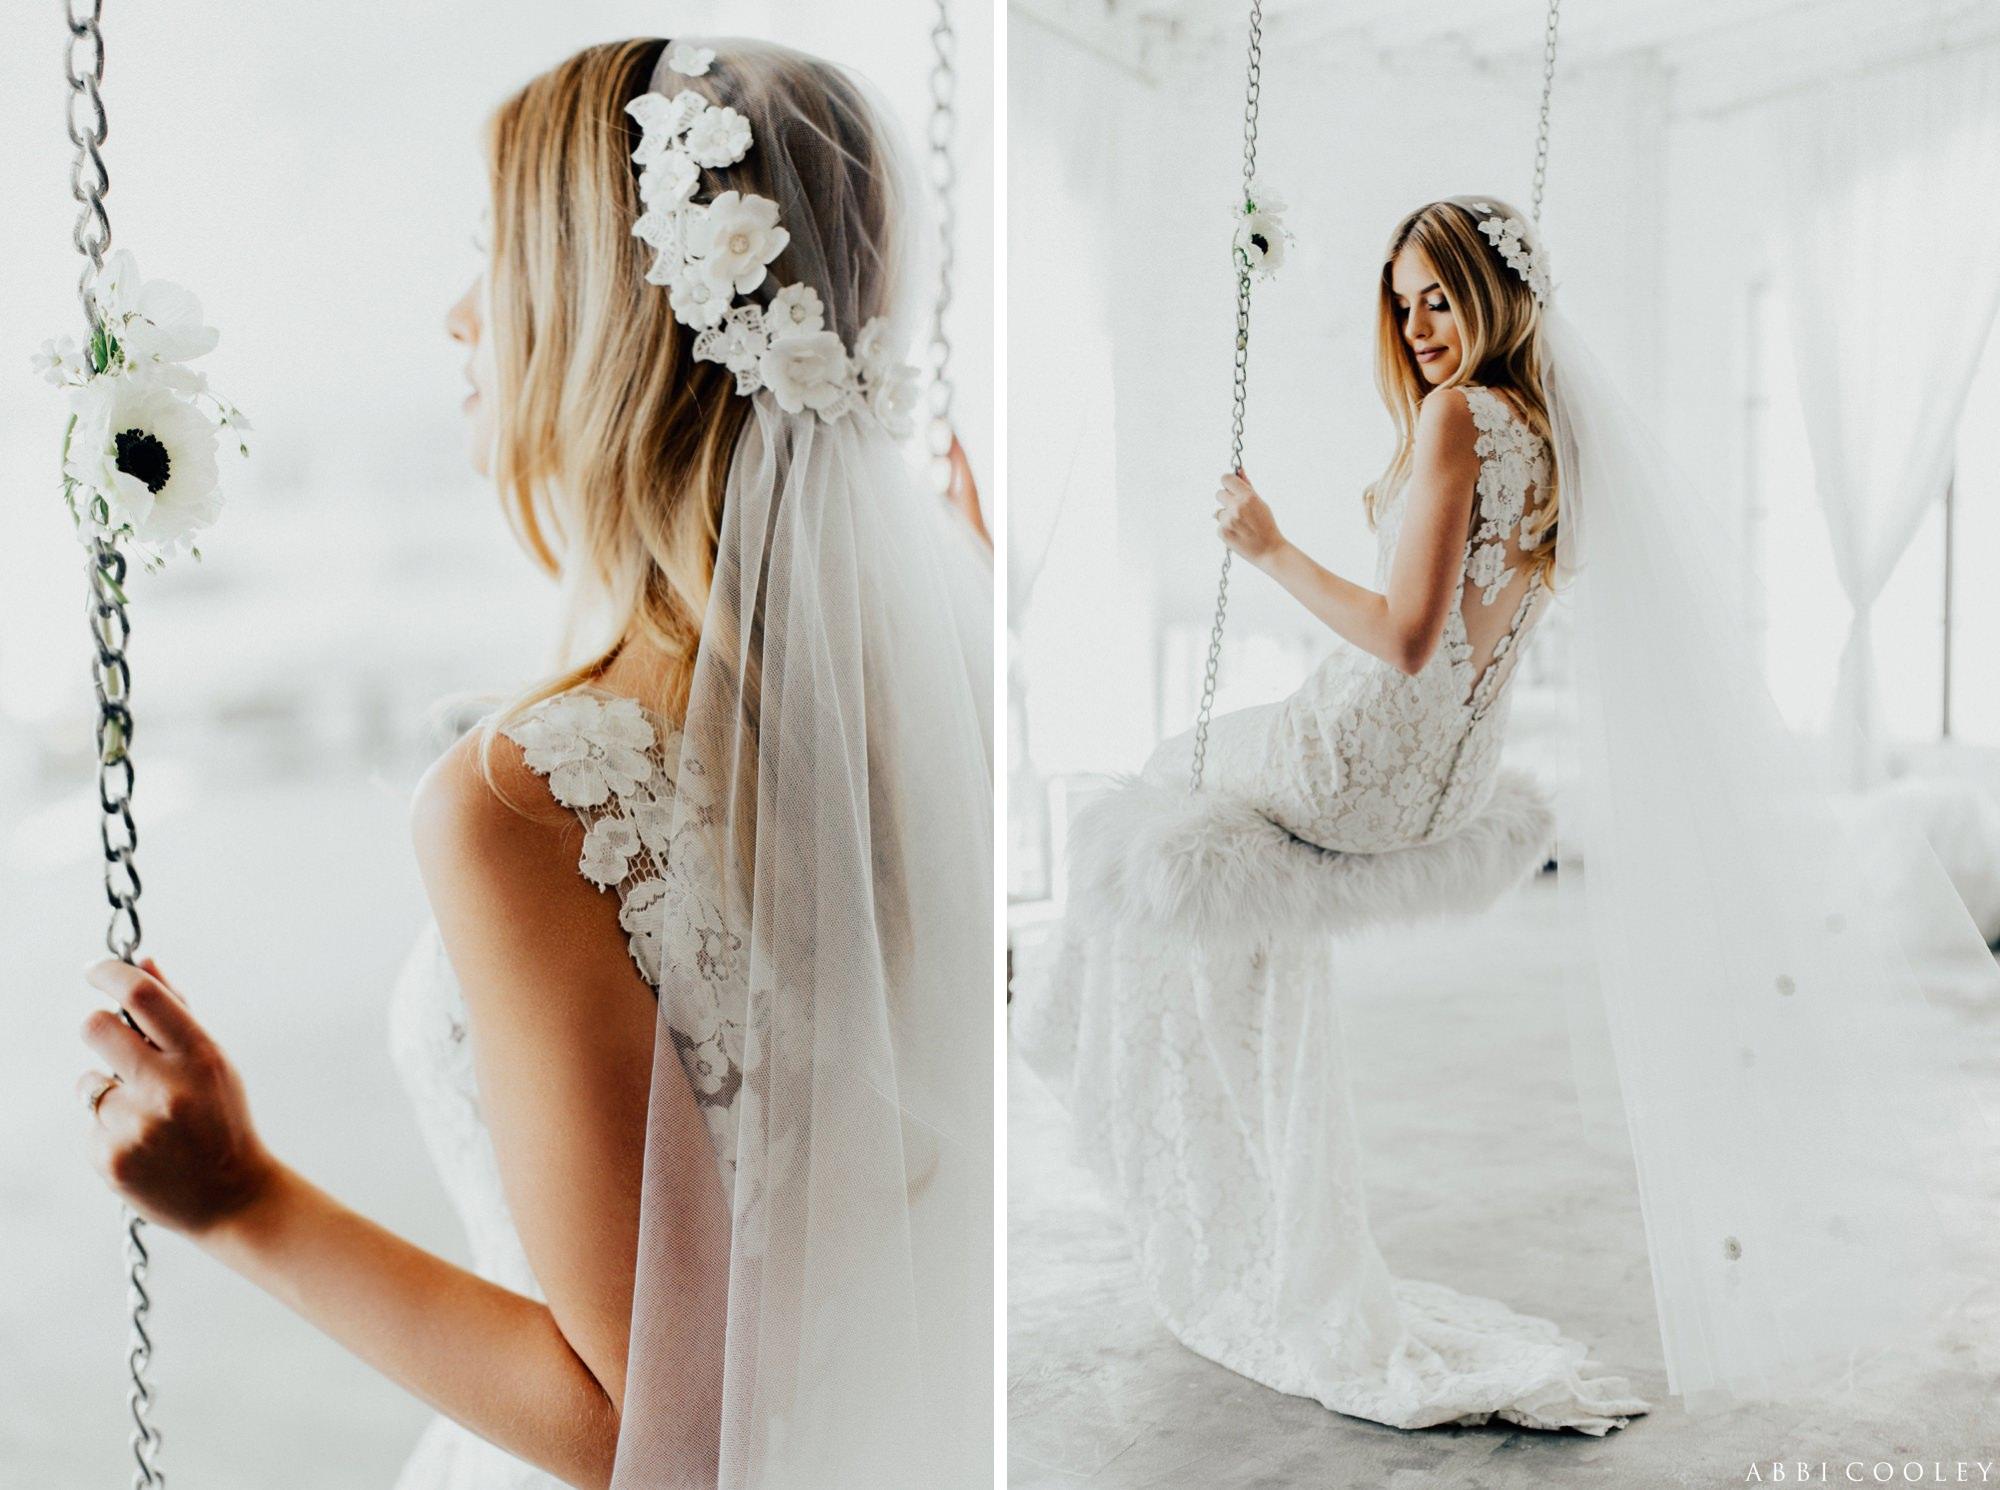 floral veil The Veiled Beauty 2017 Lookbook